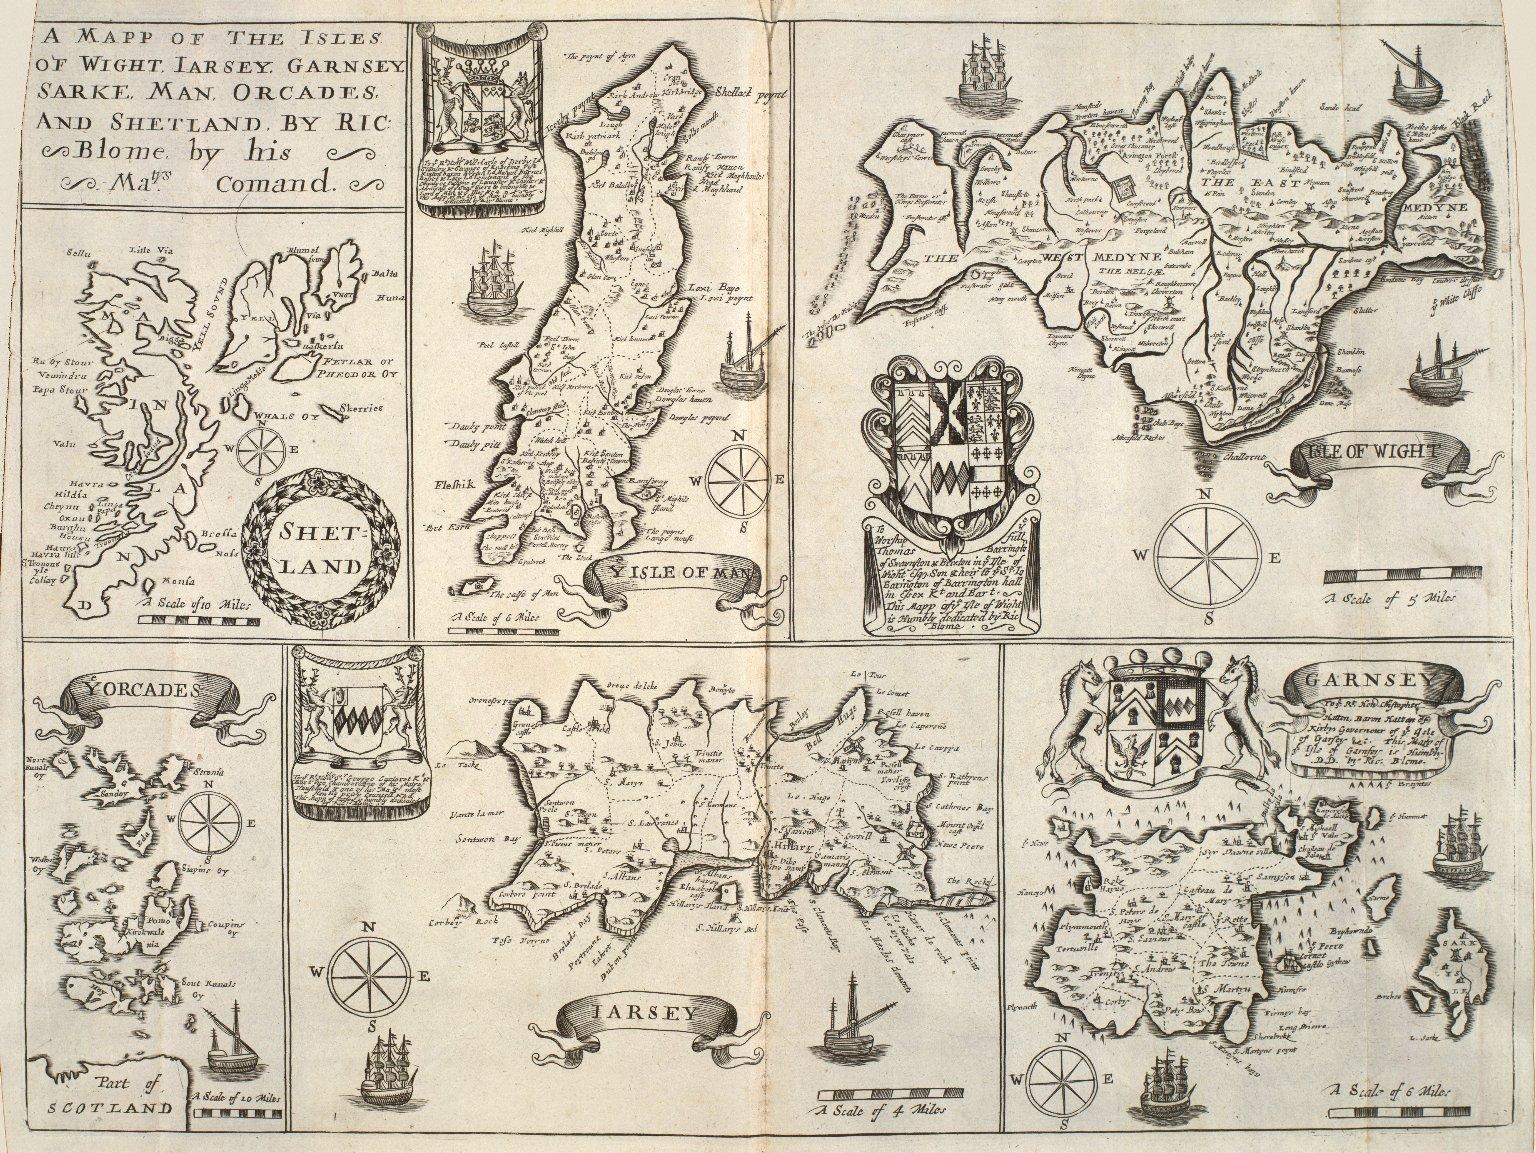 Shetland. [1 of 1]